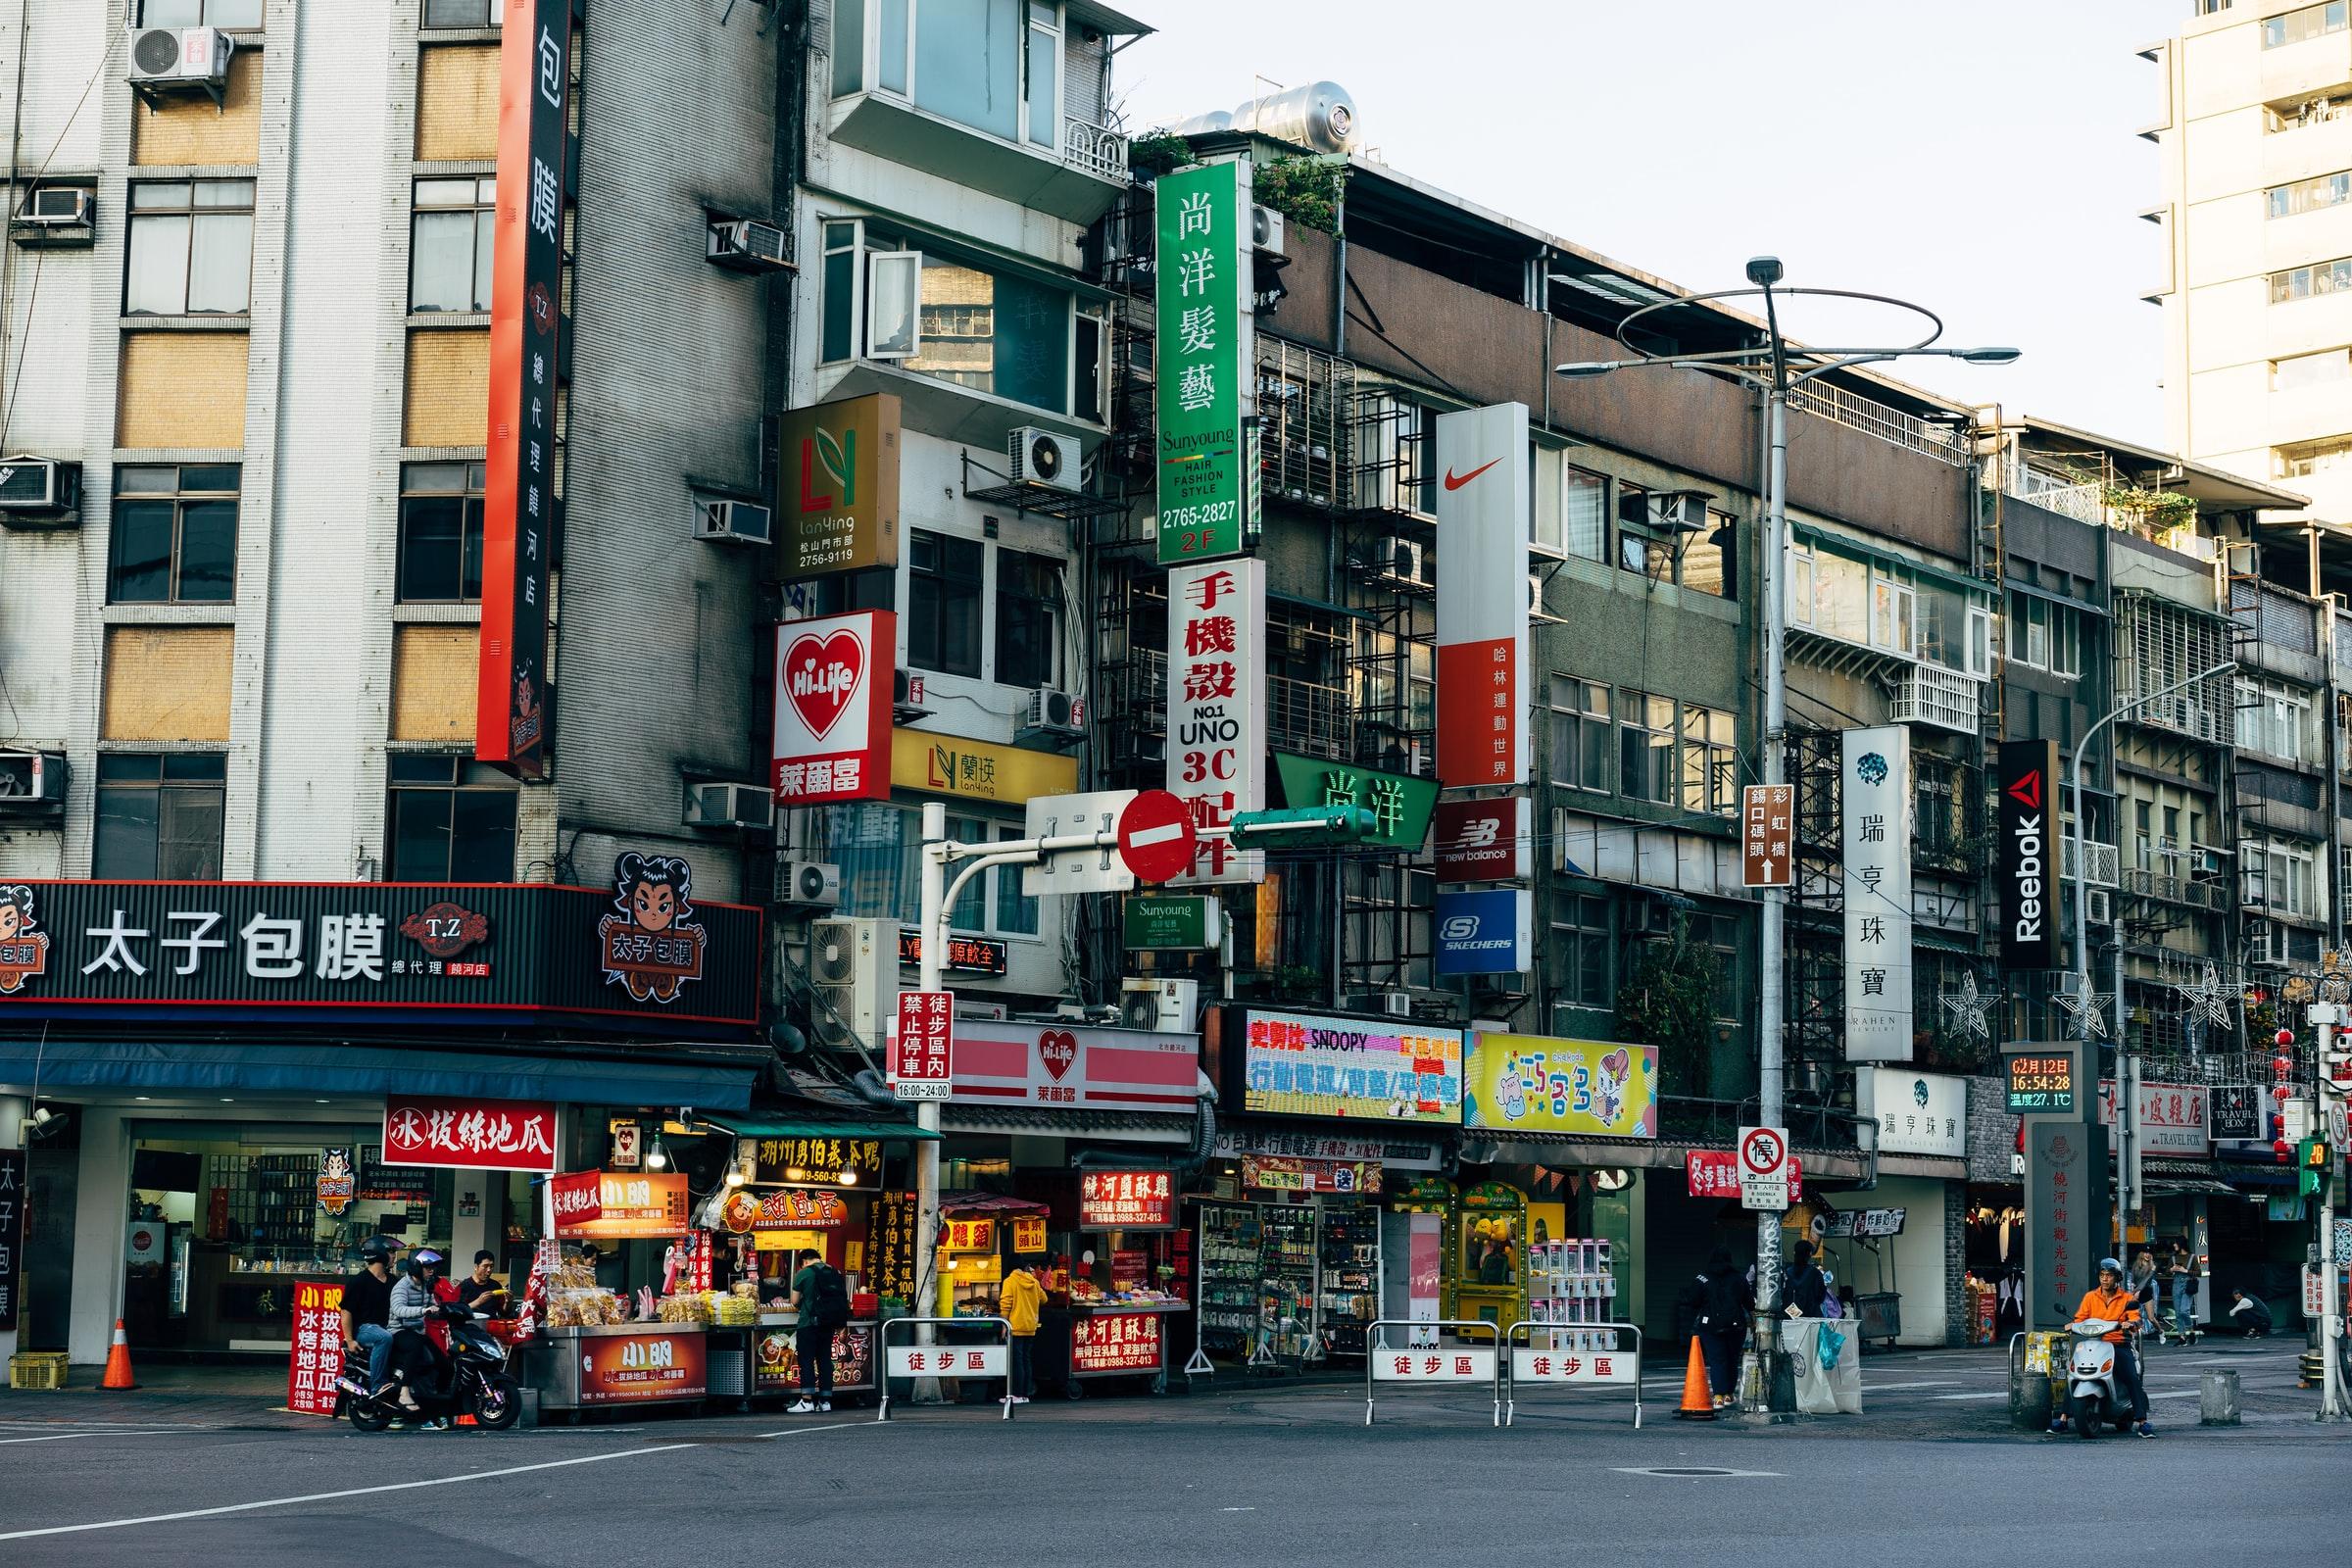 Rundreise Taiwan - Taipeh Häuser rmit Reklamschildern